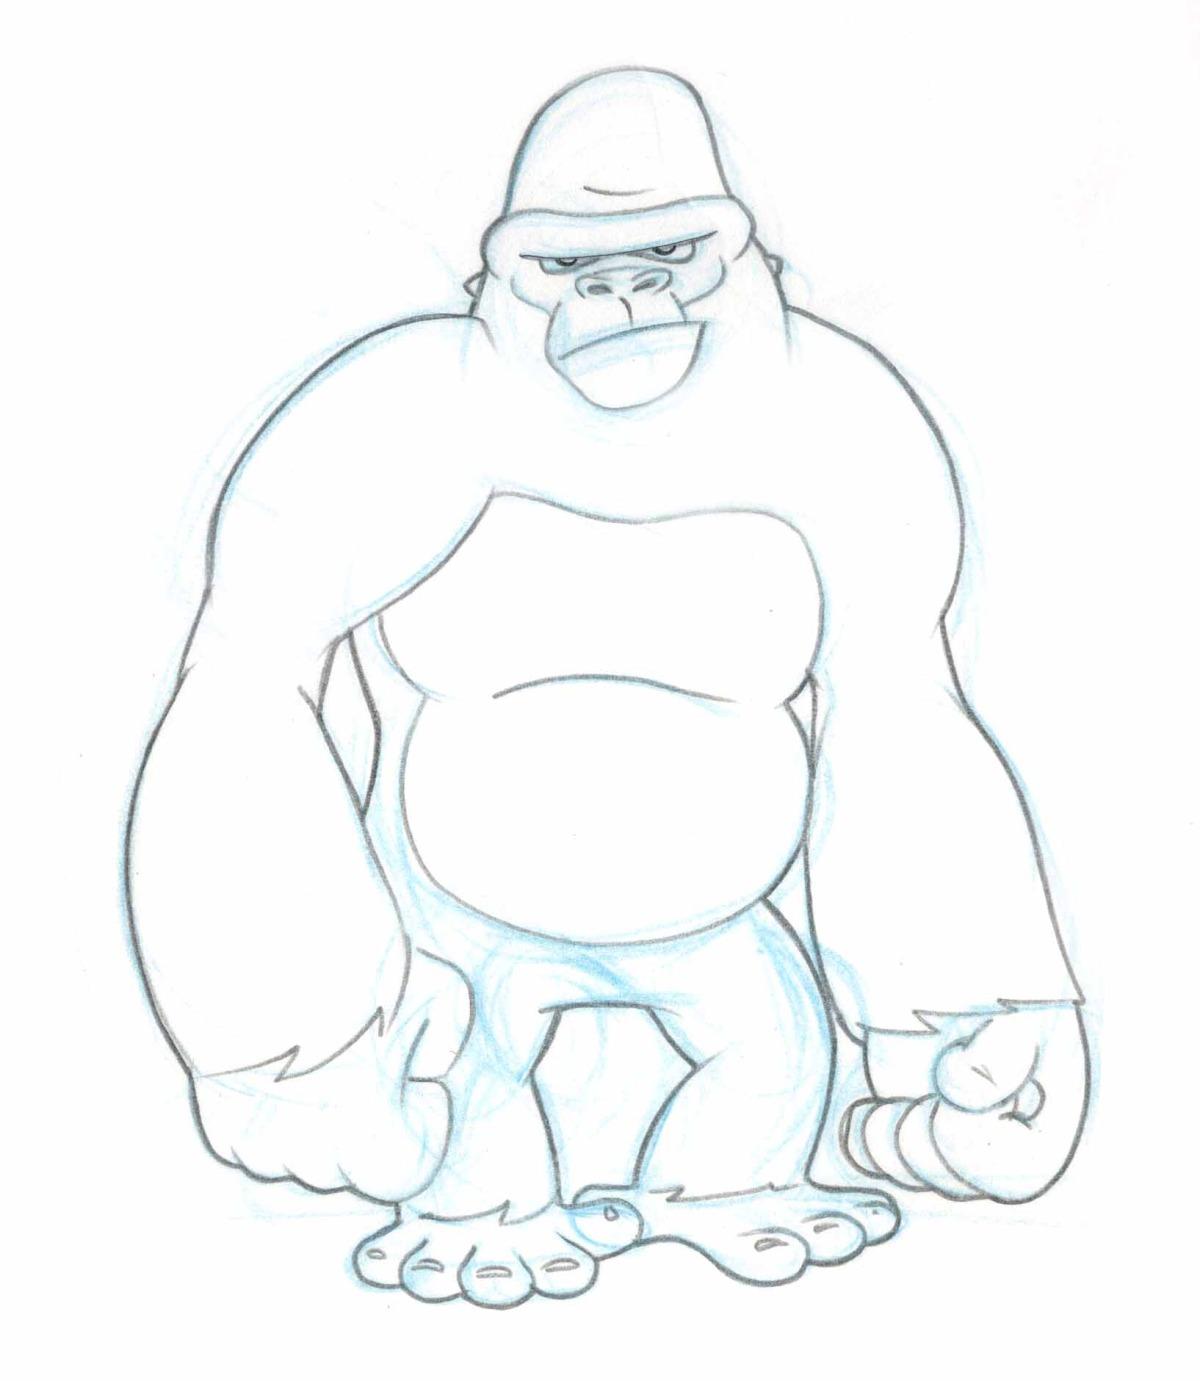 antcreations_gorillatubssketches16.jpg